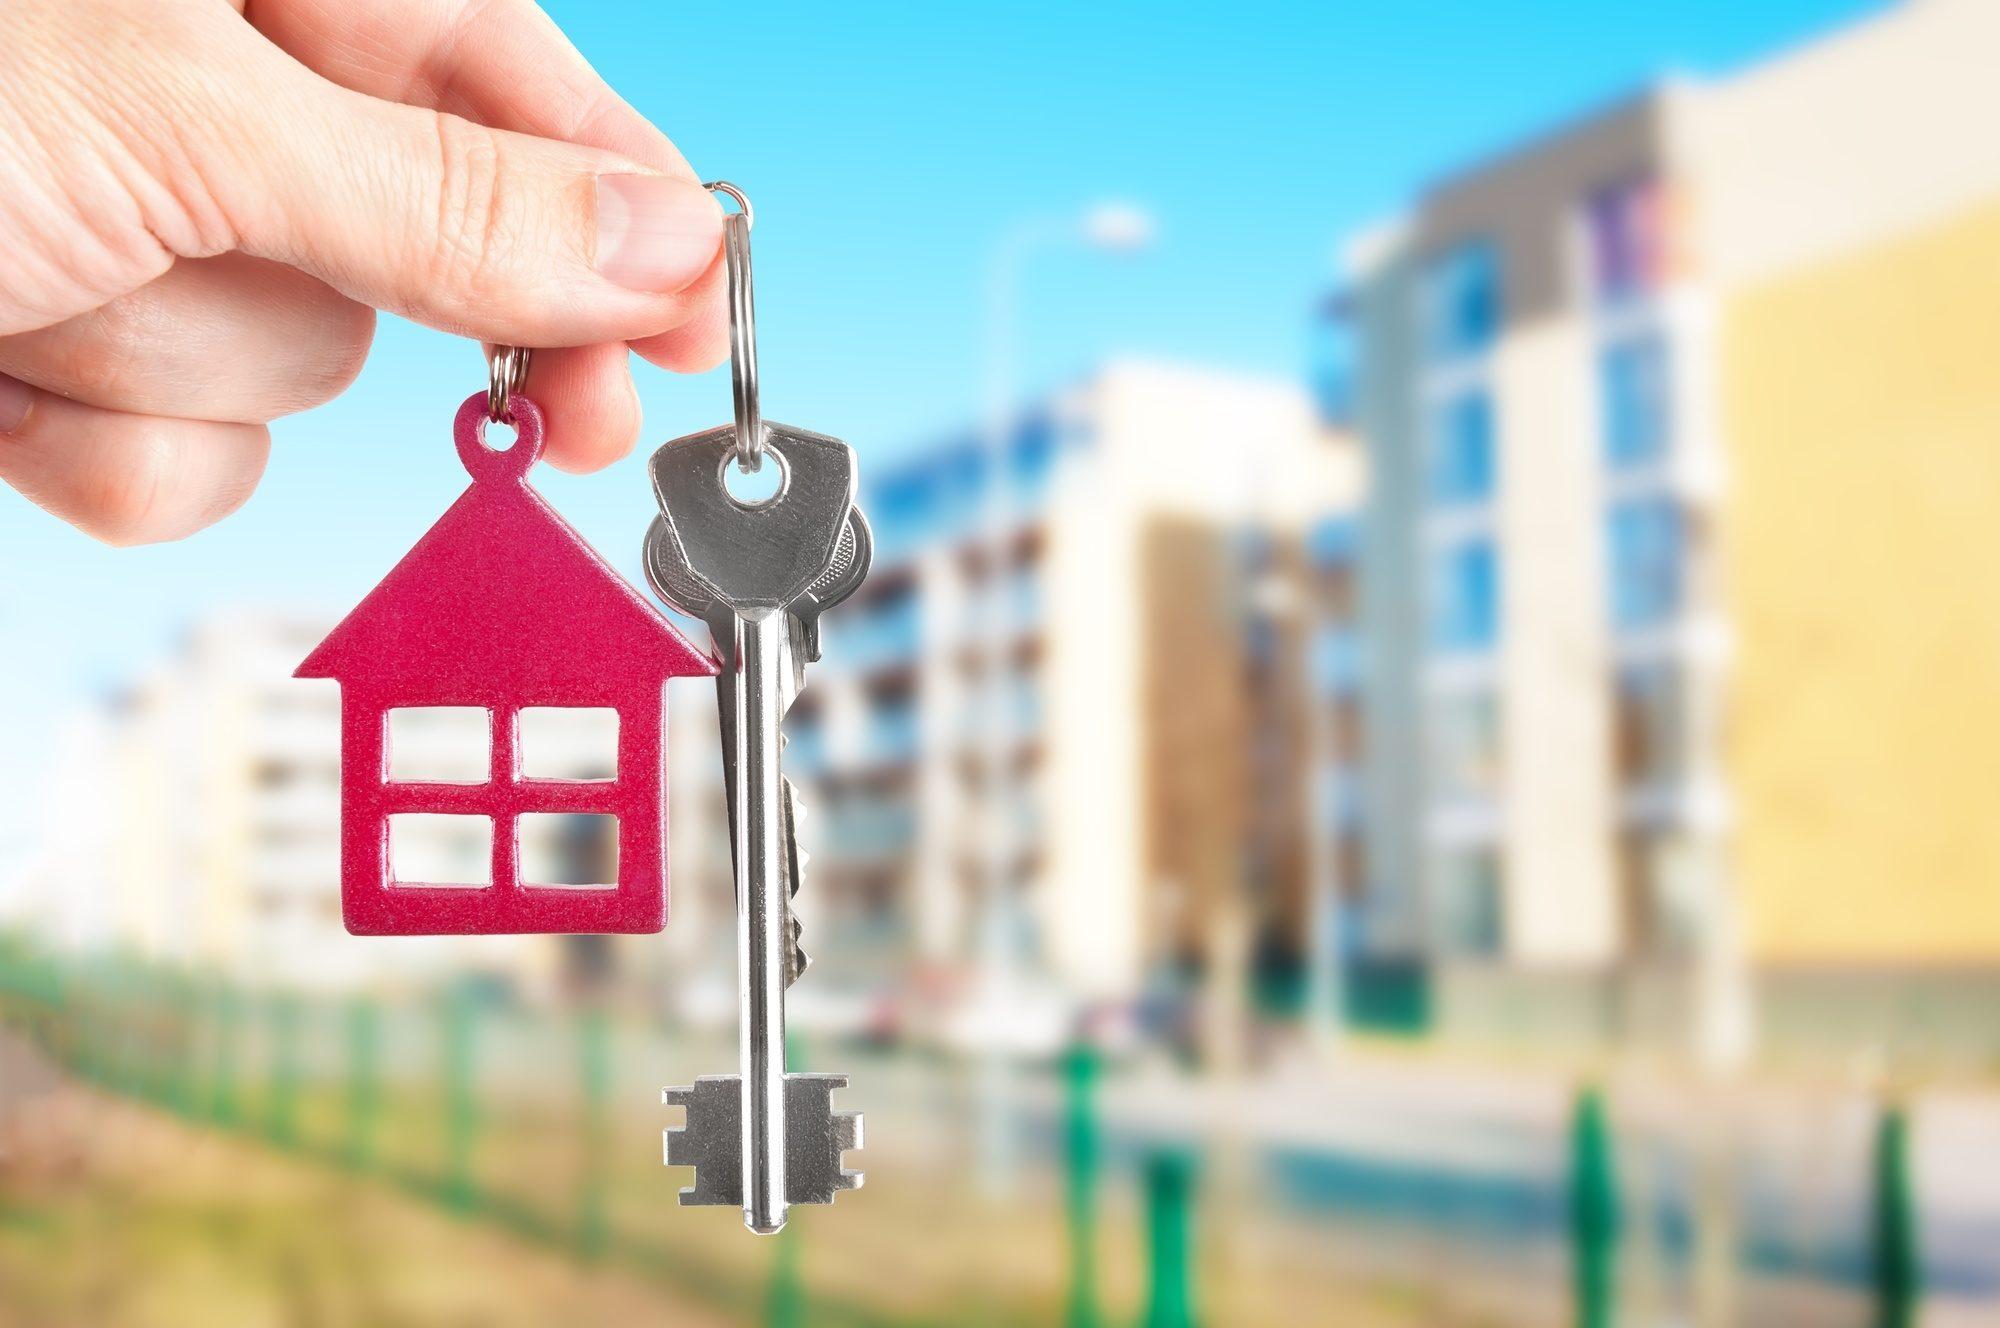 Ипотека под 10% годовых станет доступной для украинцев с 1 июля | Комментарии Украина